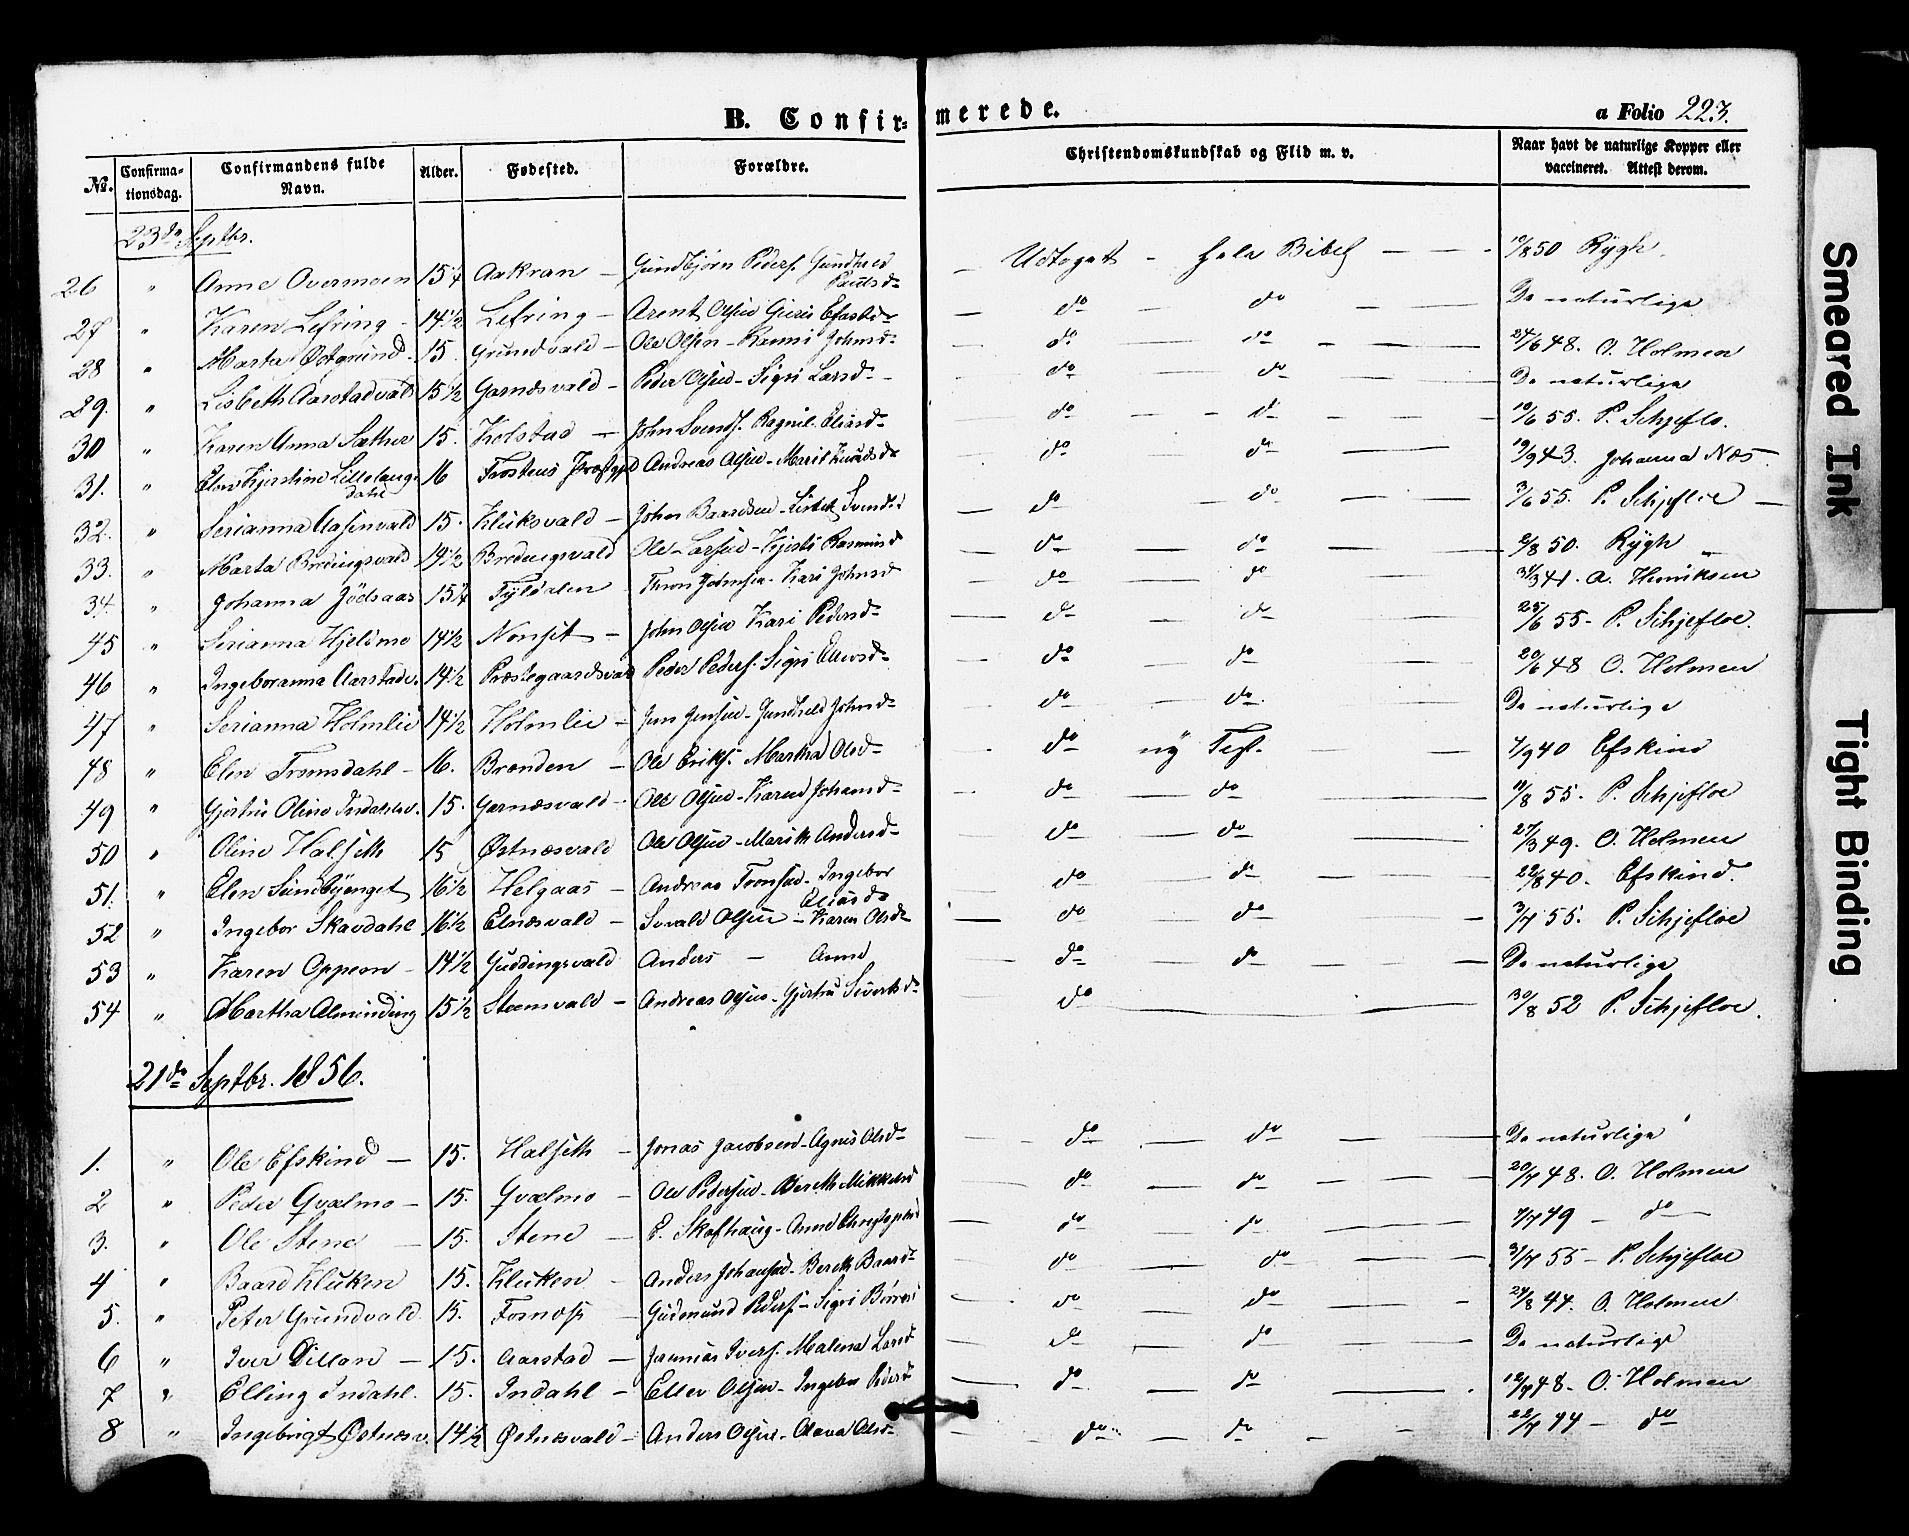 SAT, Ministerialprotokoller, klokkerbøker og fødselsregistre - Nord-Trøndelag, 724/L0268: Klokkerbok nr. 724C04, 1846-1878, s. 223